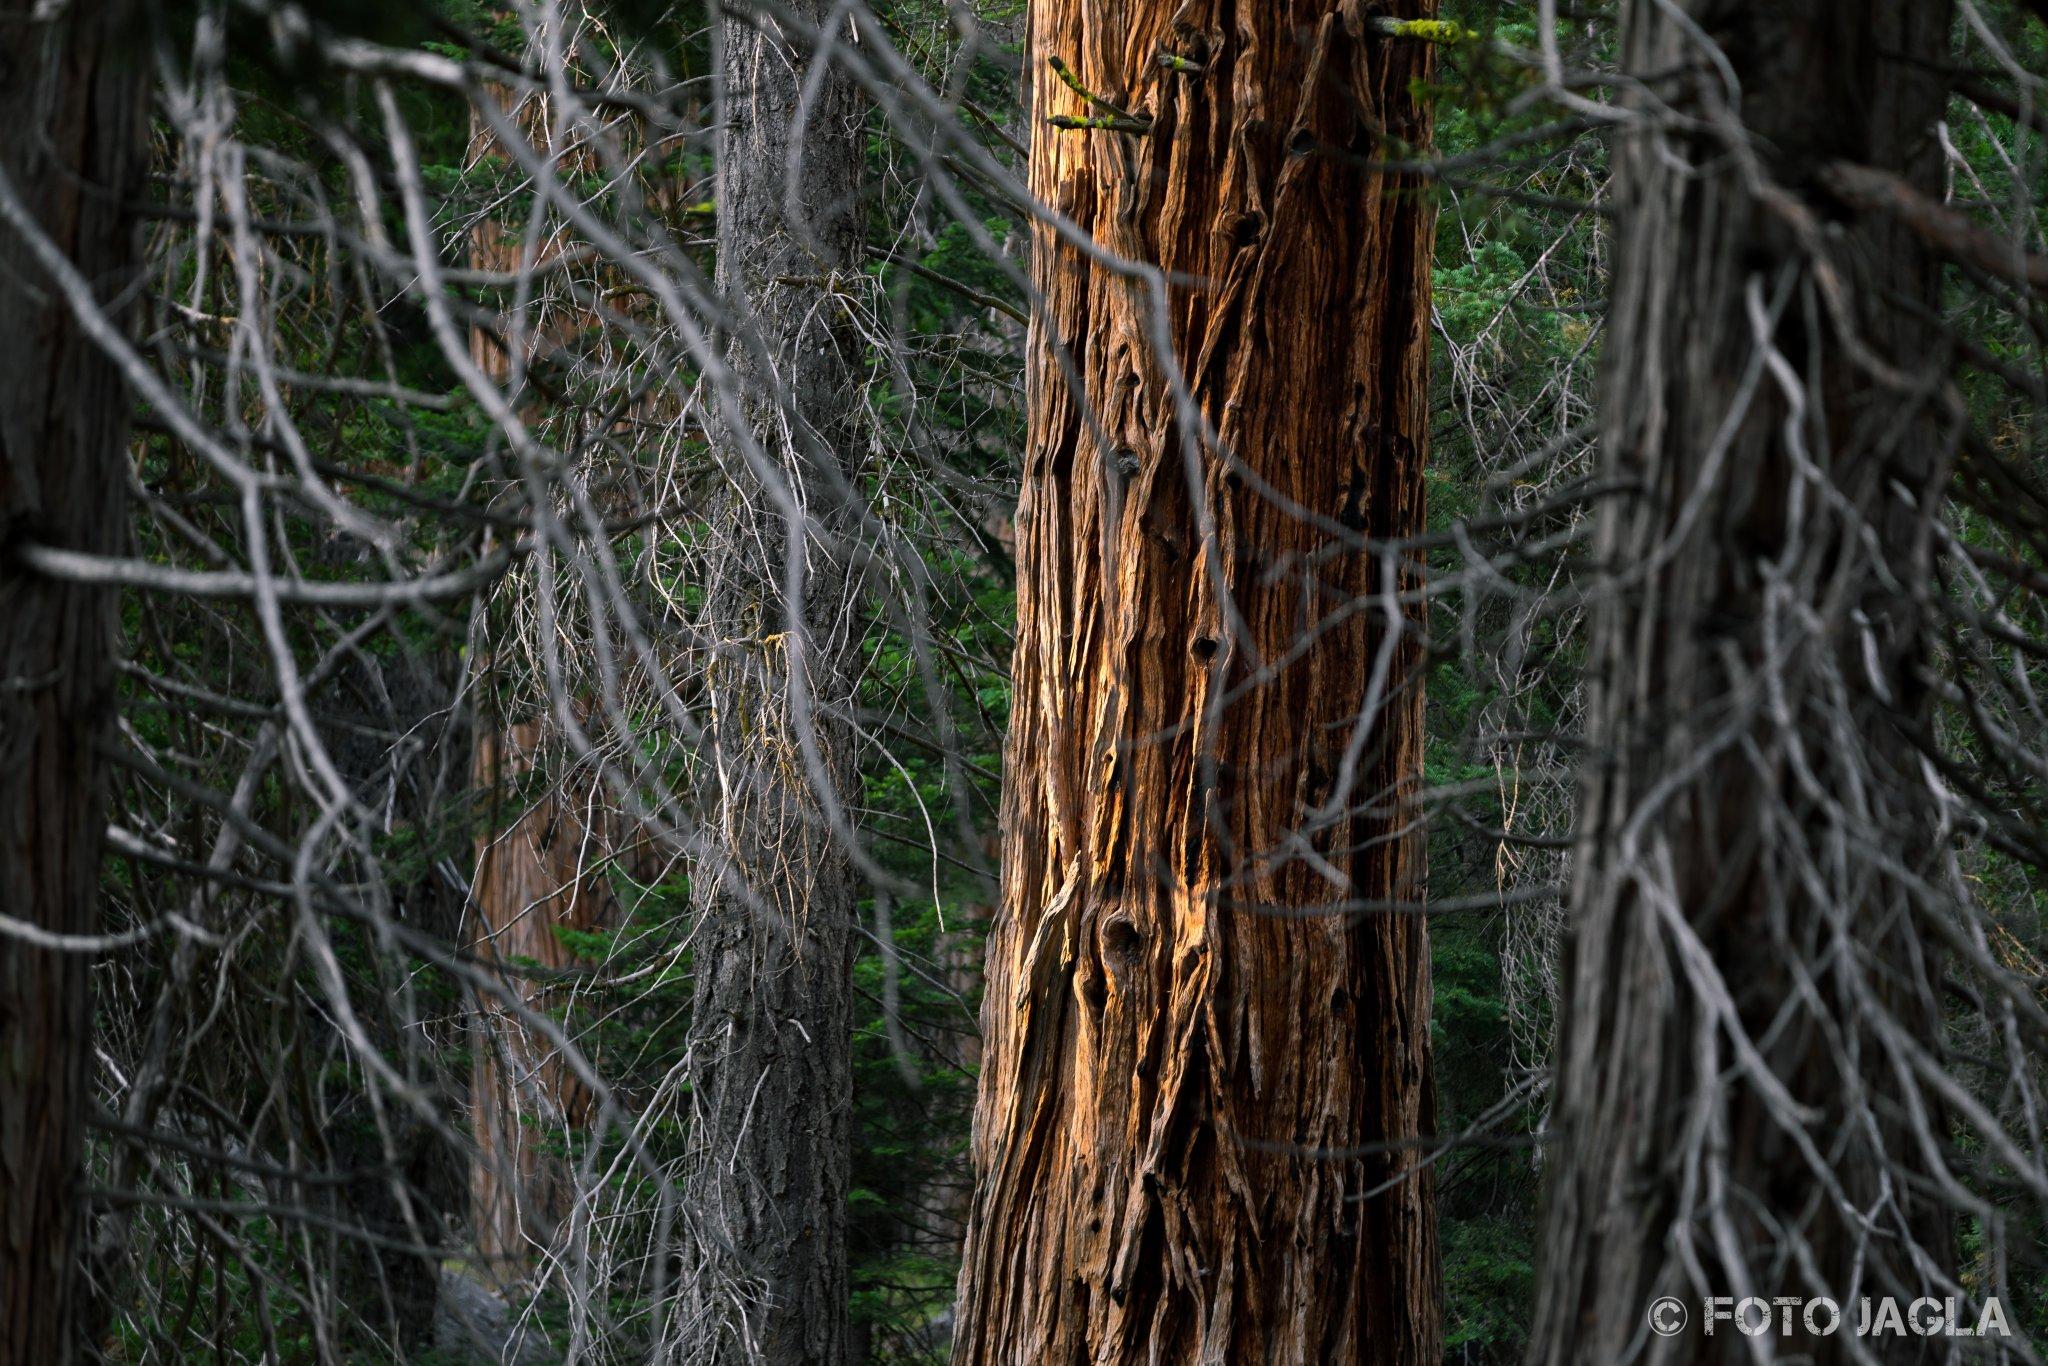 Kalifornien - September 2018 Wanderung entlang des Marble Fork Kaweah Rivers Sequoia National Park - Lodgepole Campground